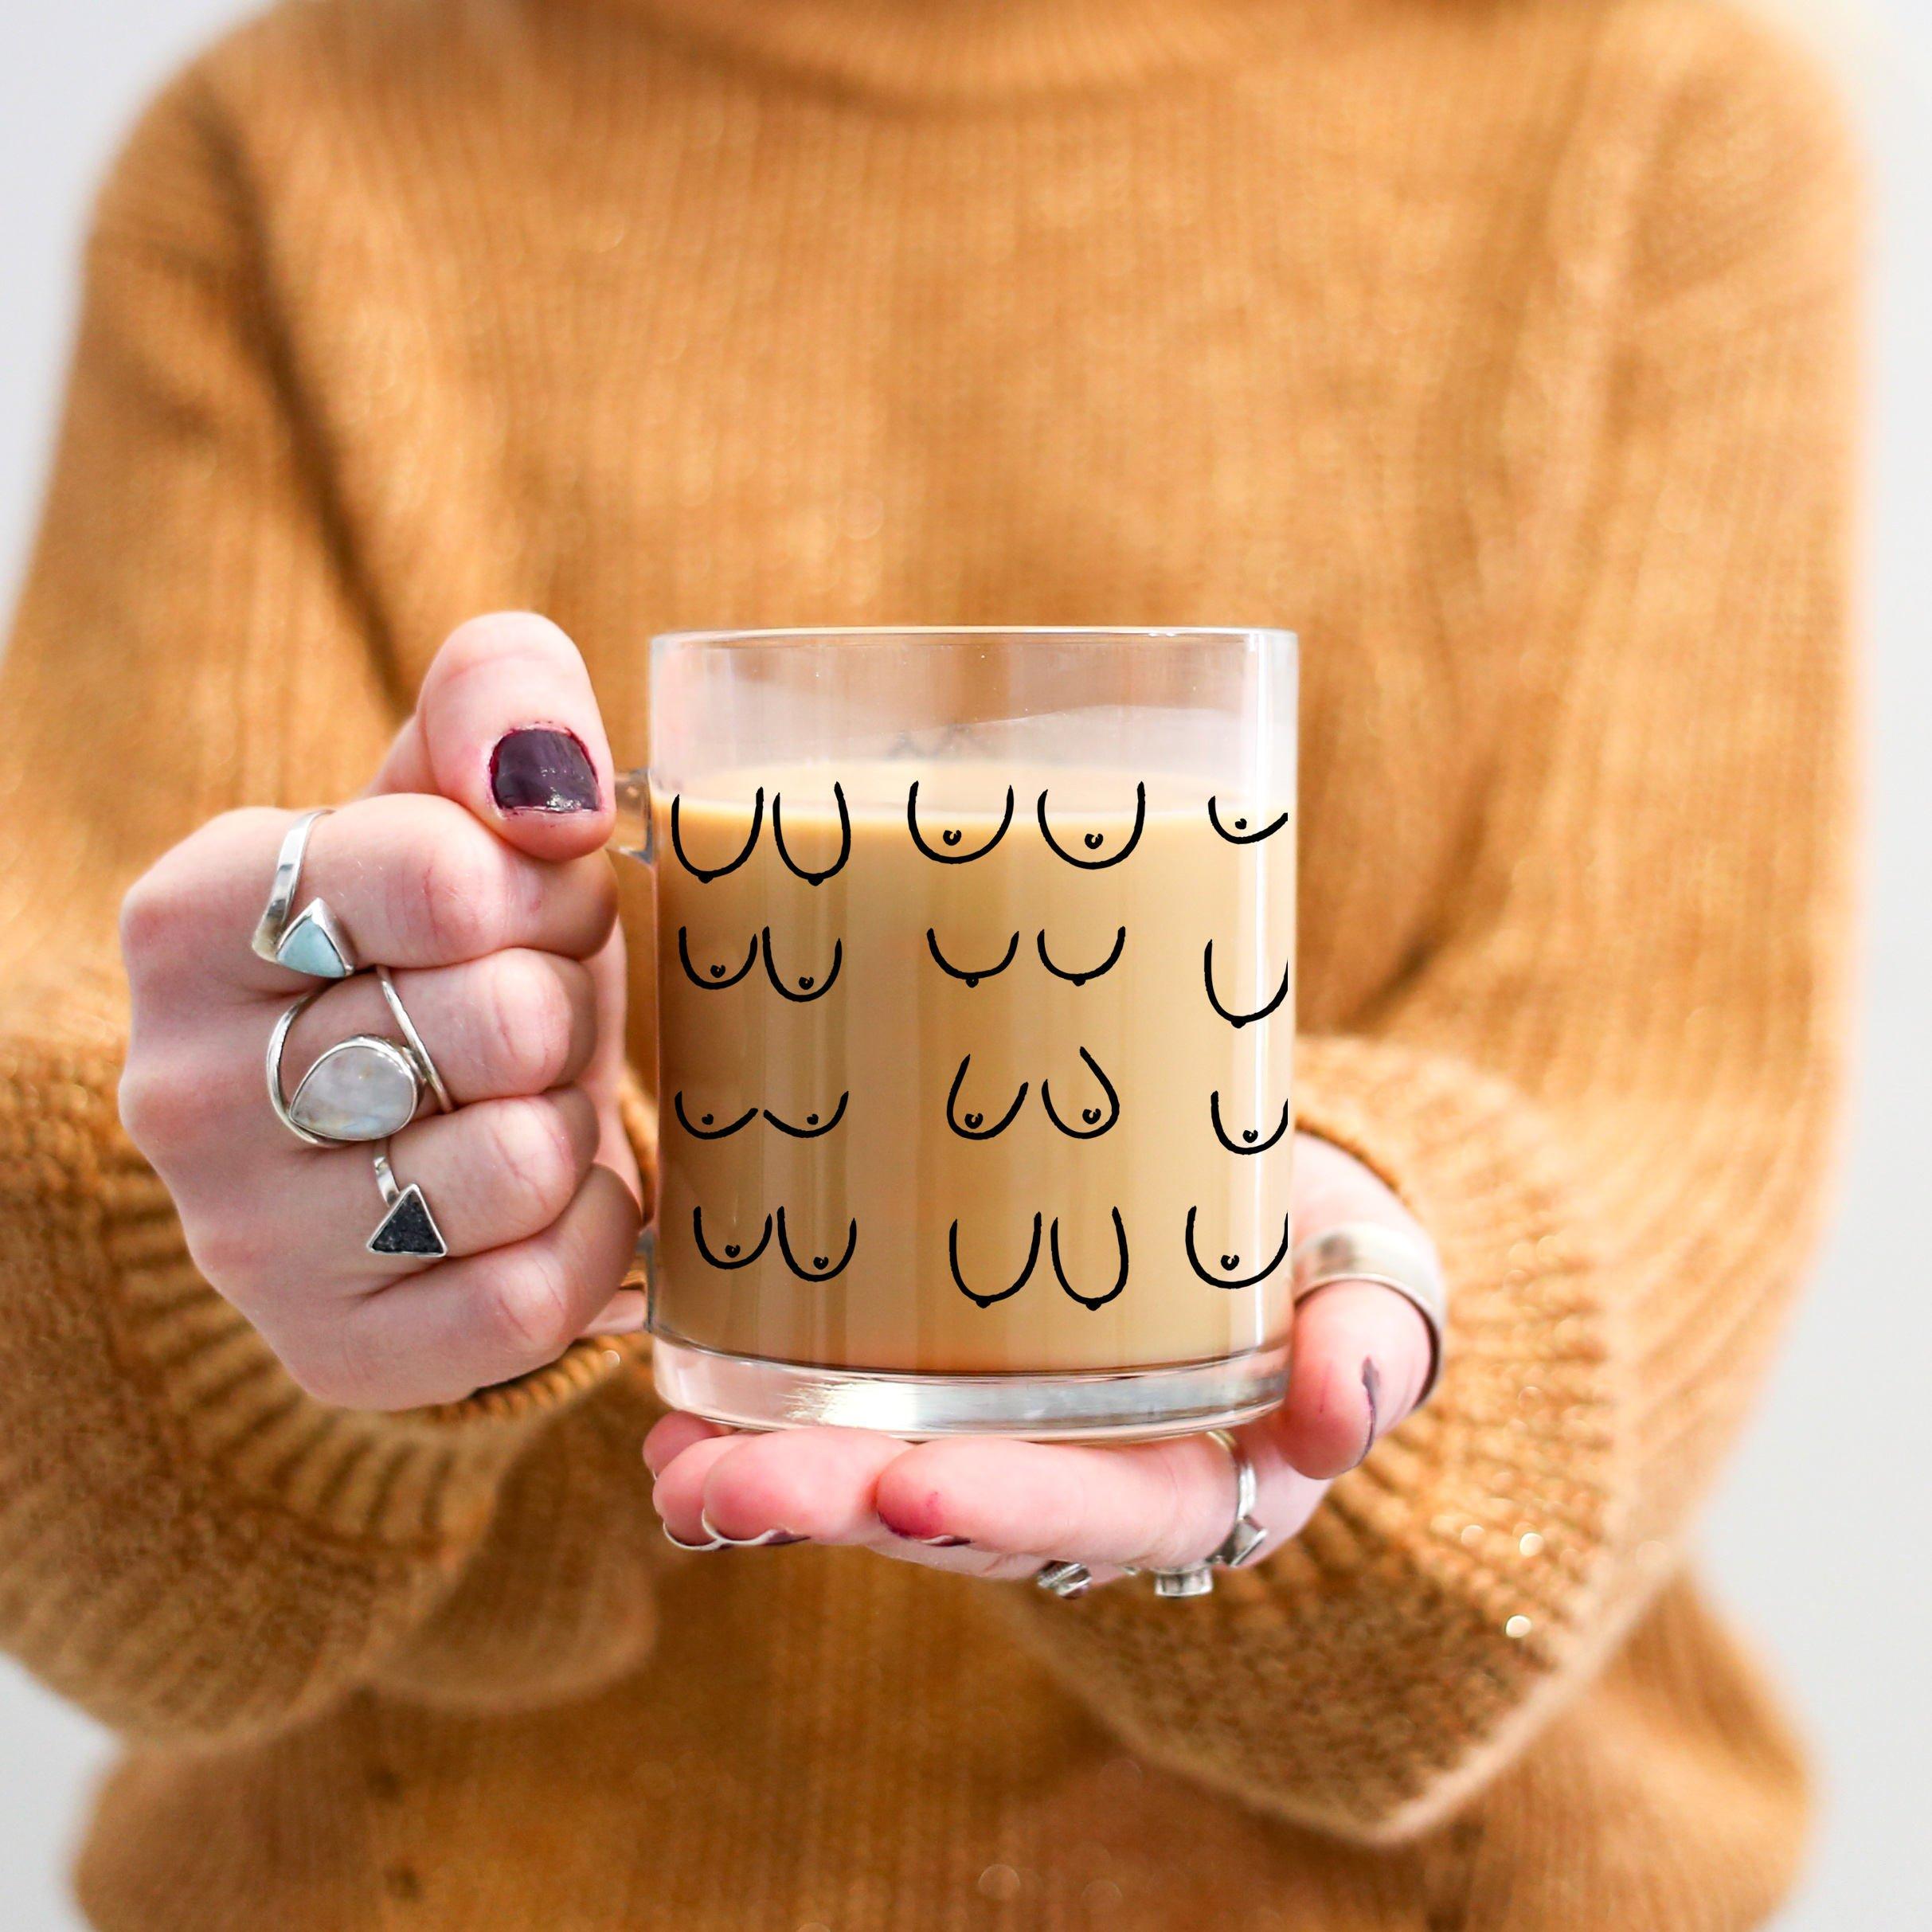 Free The Nipple Mug